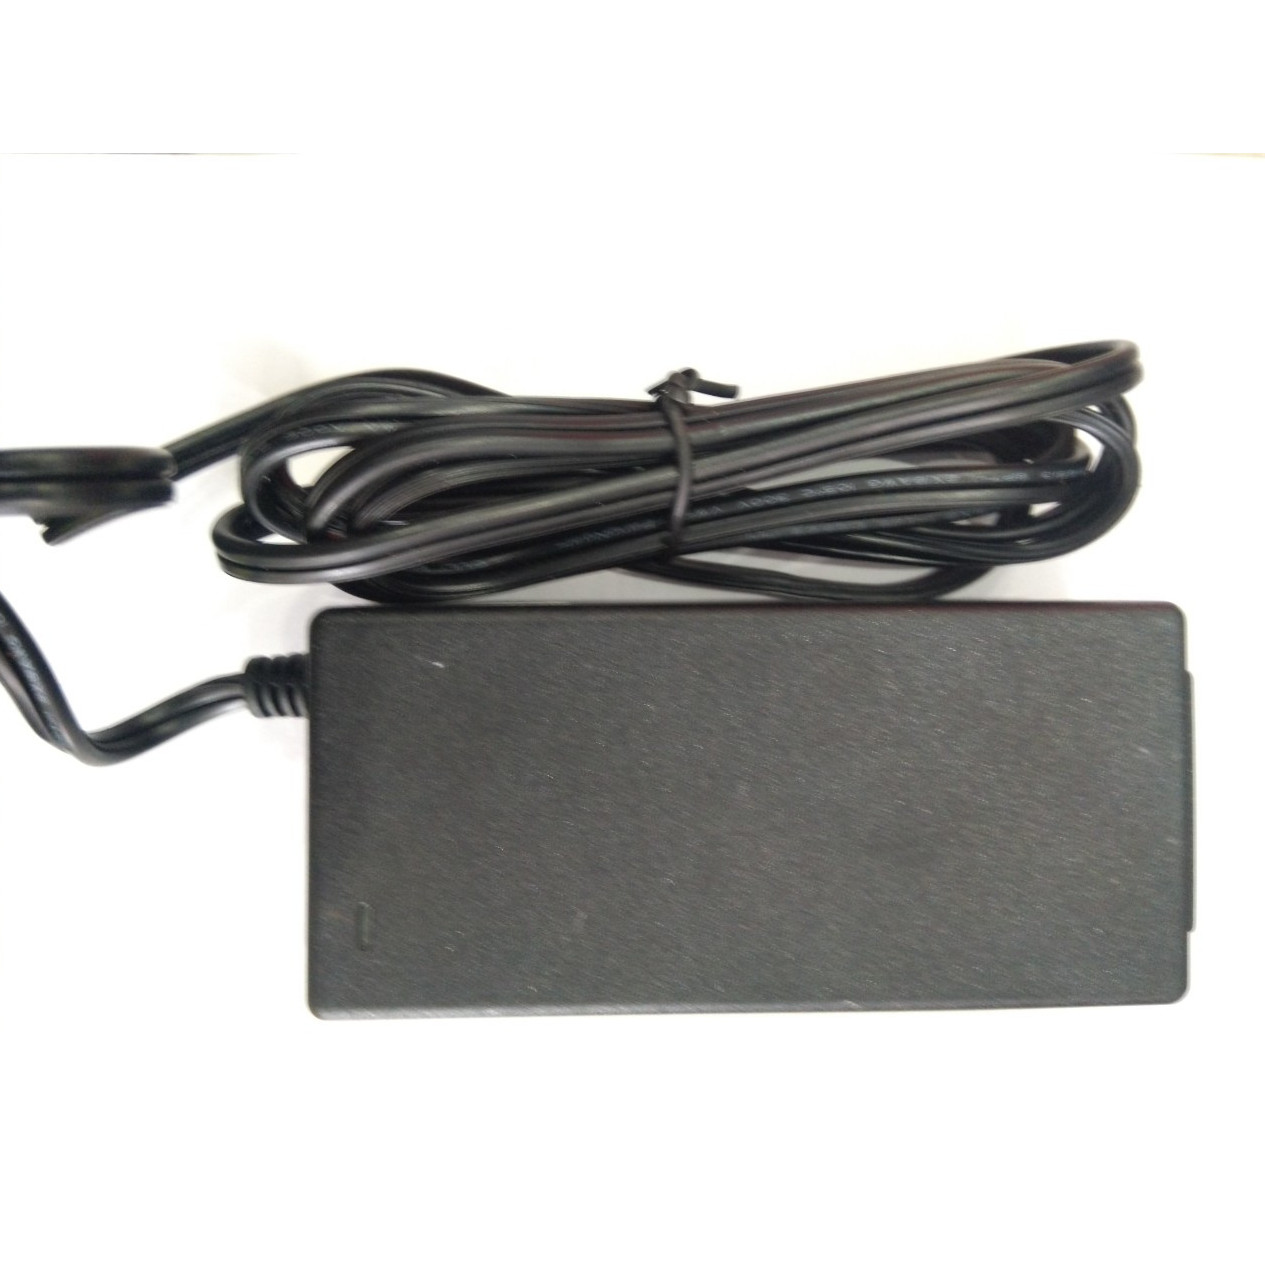 Adapter nguồn Roland PSB-1U 9v 2a - hàng nhập khẩu